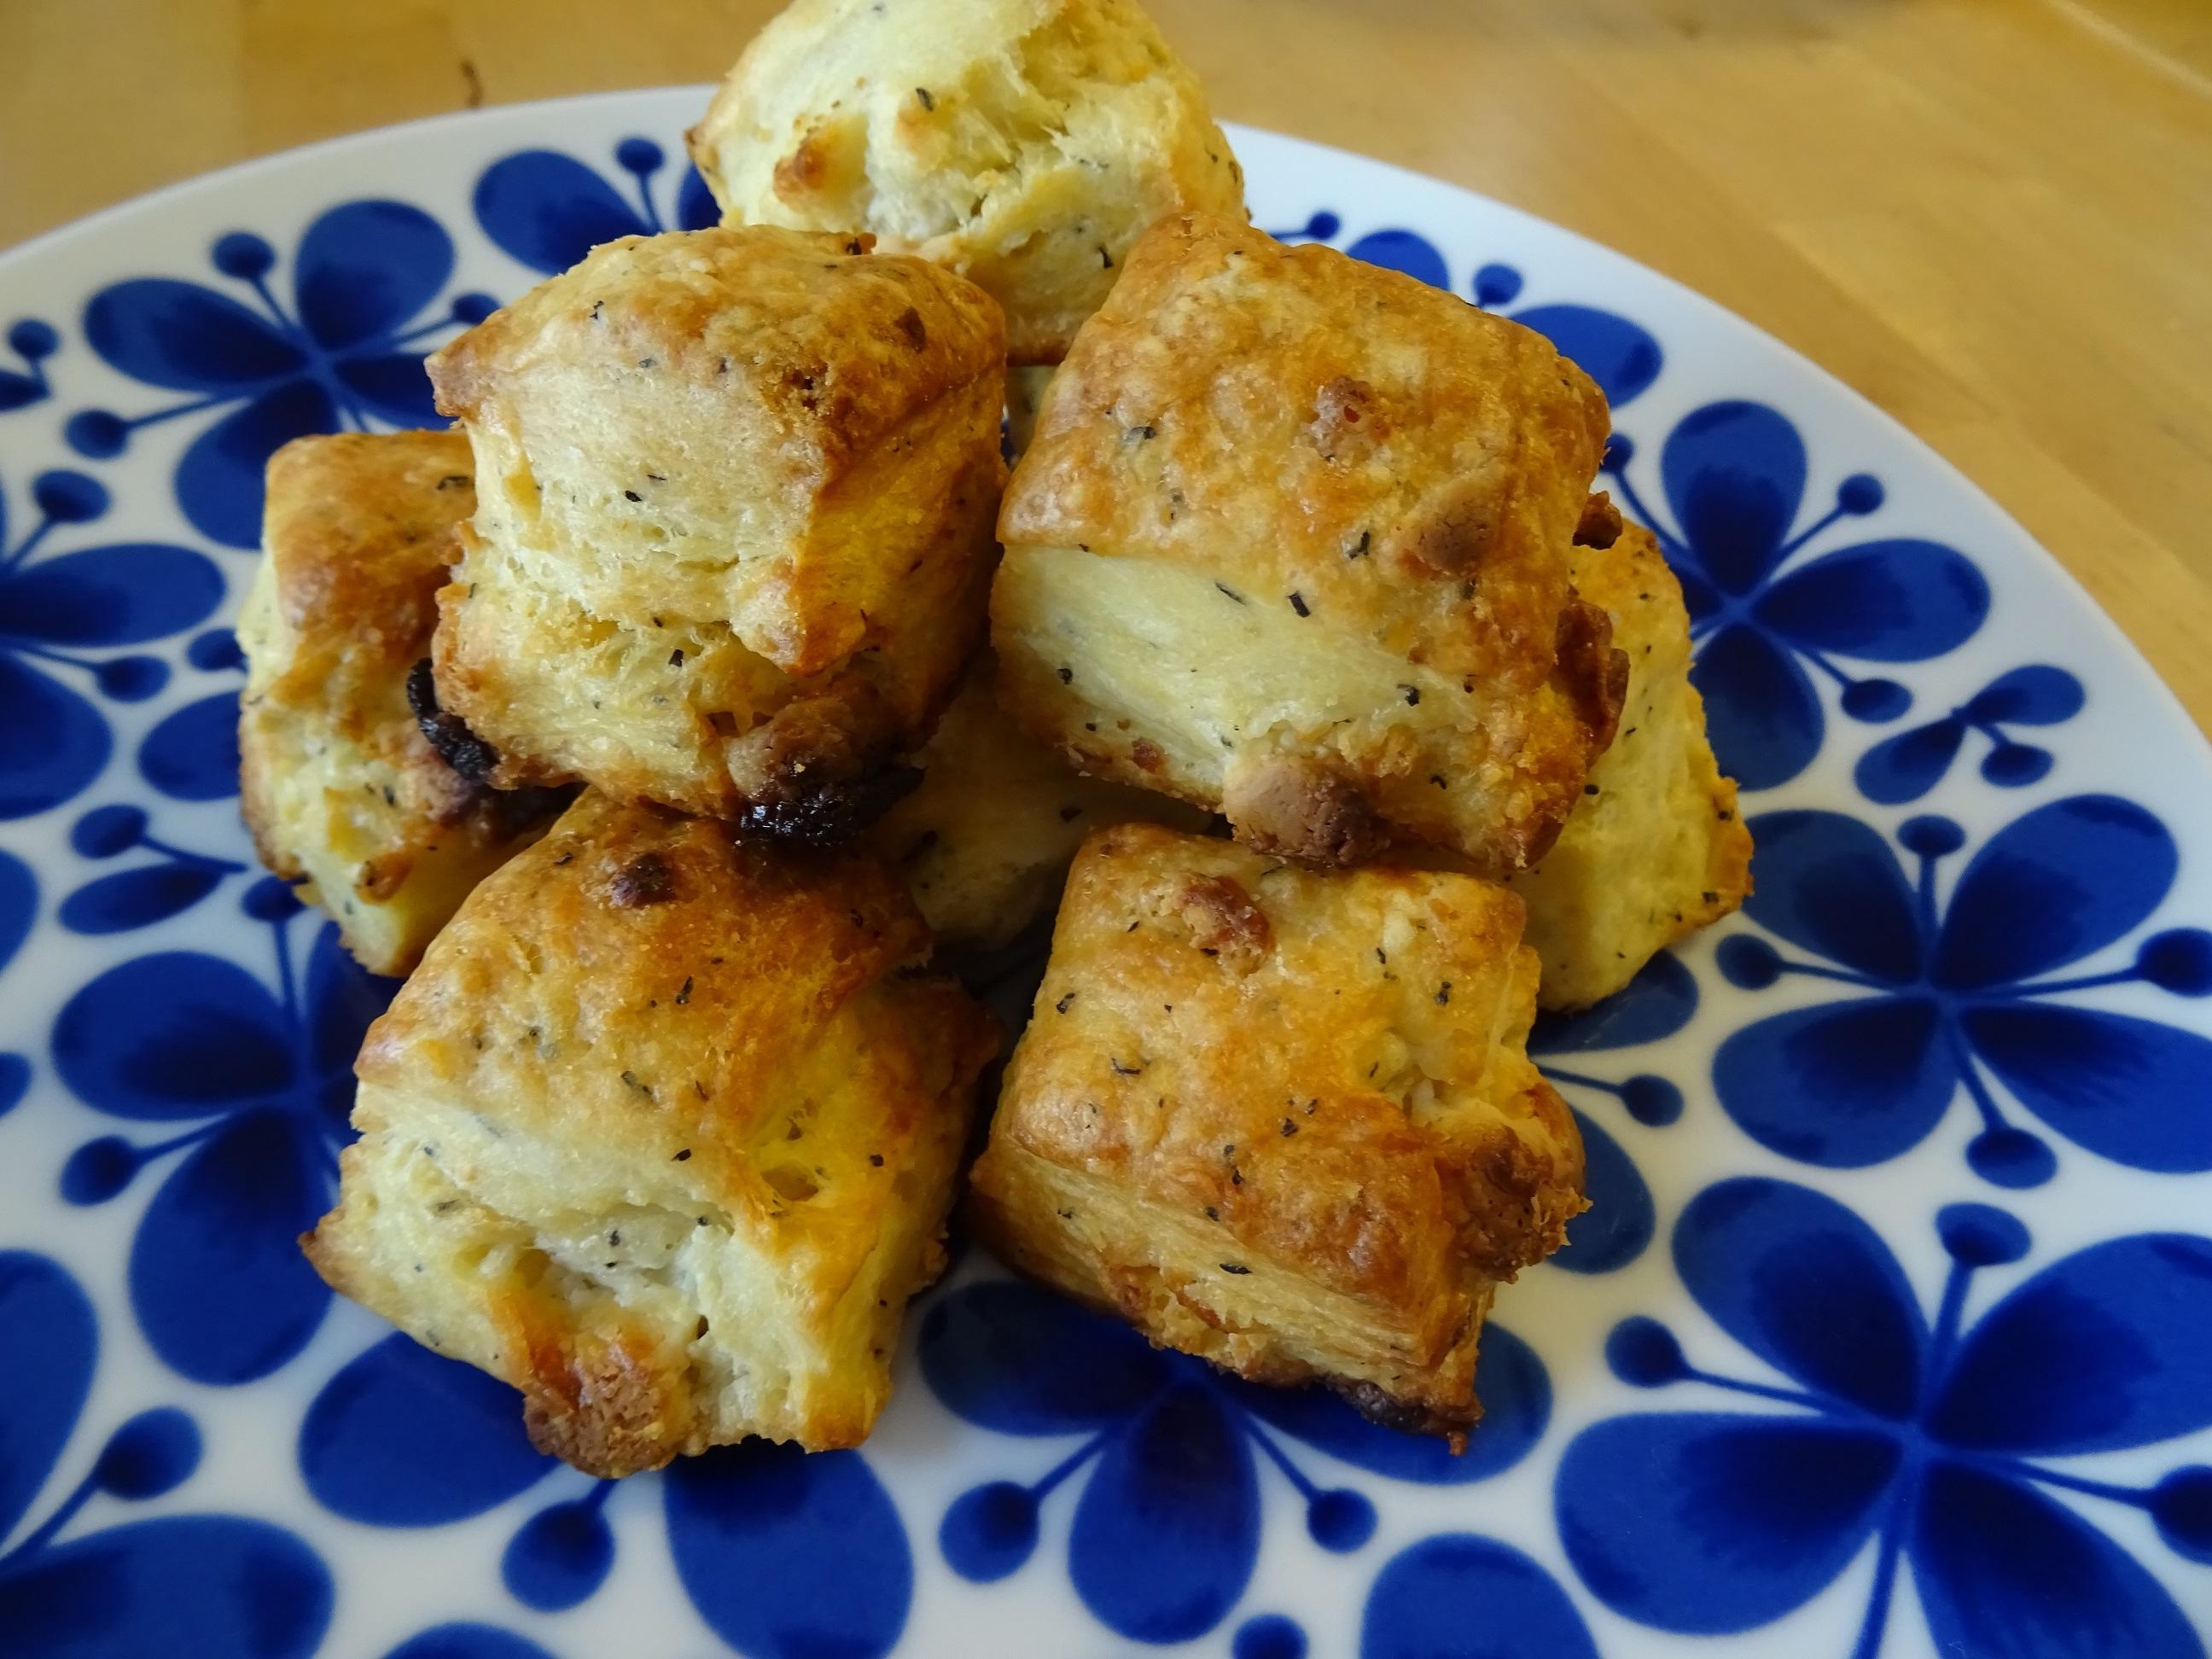 山食パンと生姜紅茶とホワイトチョコのスコーン1